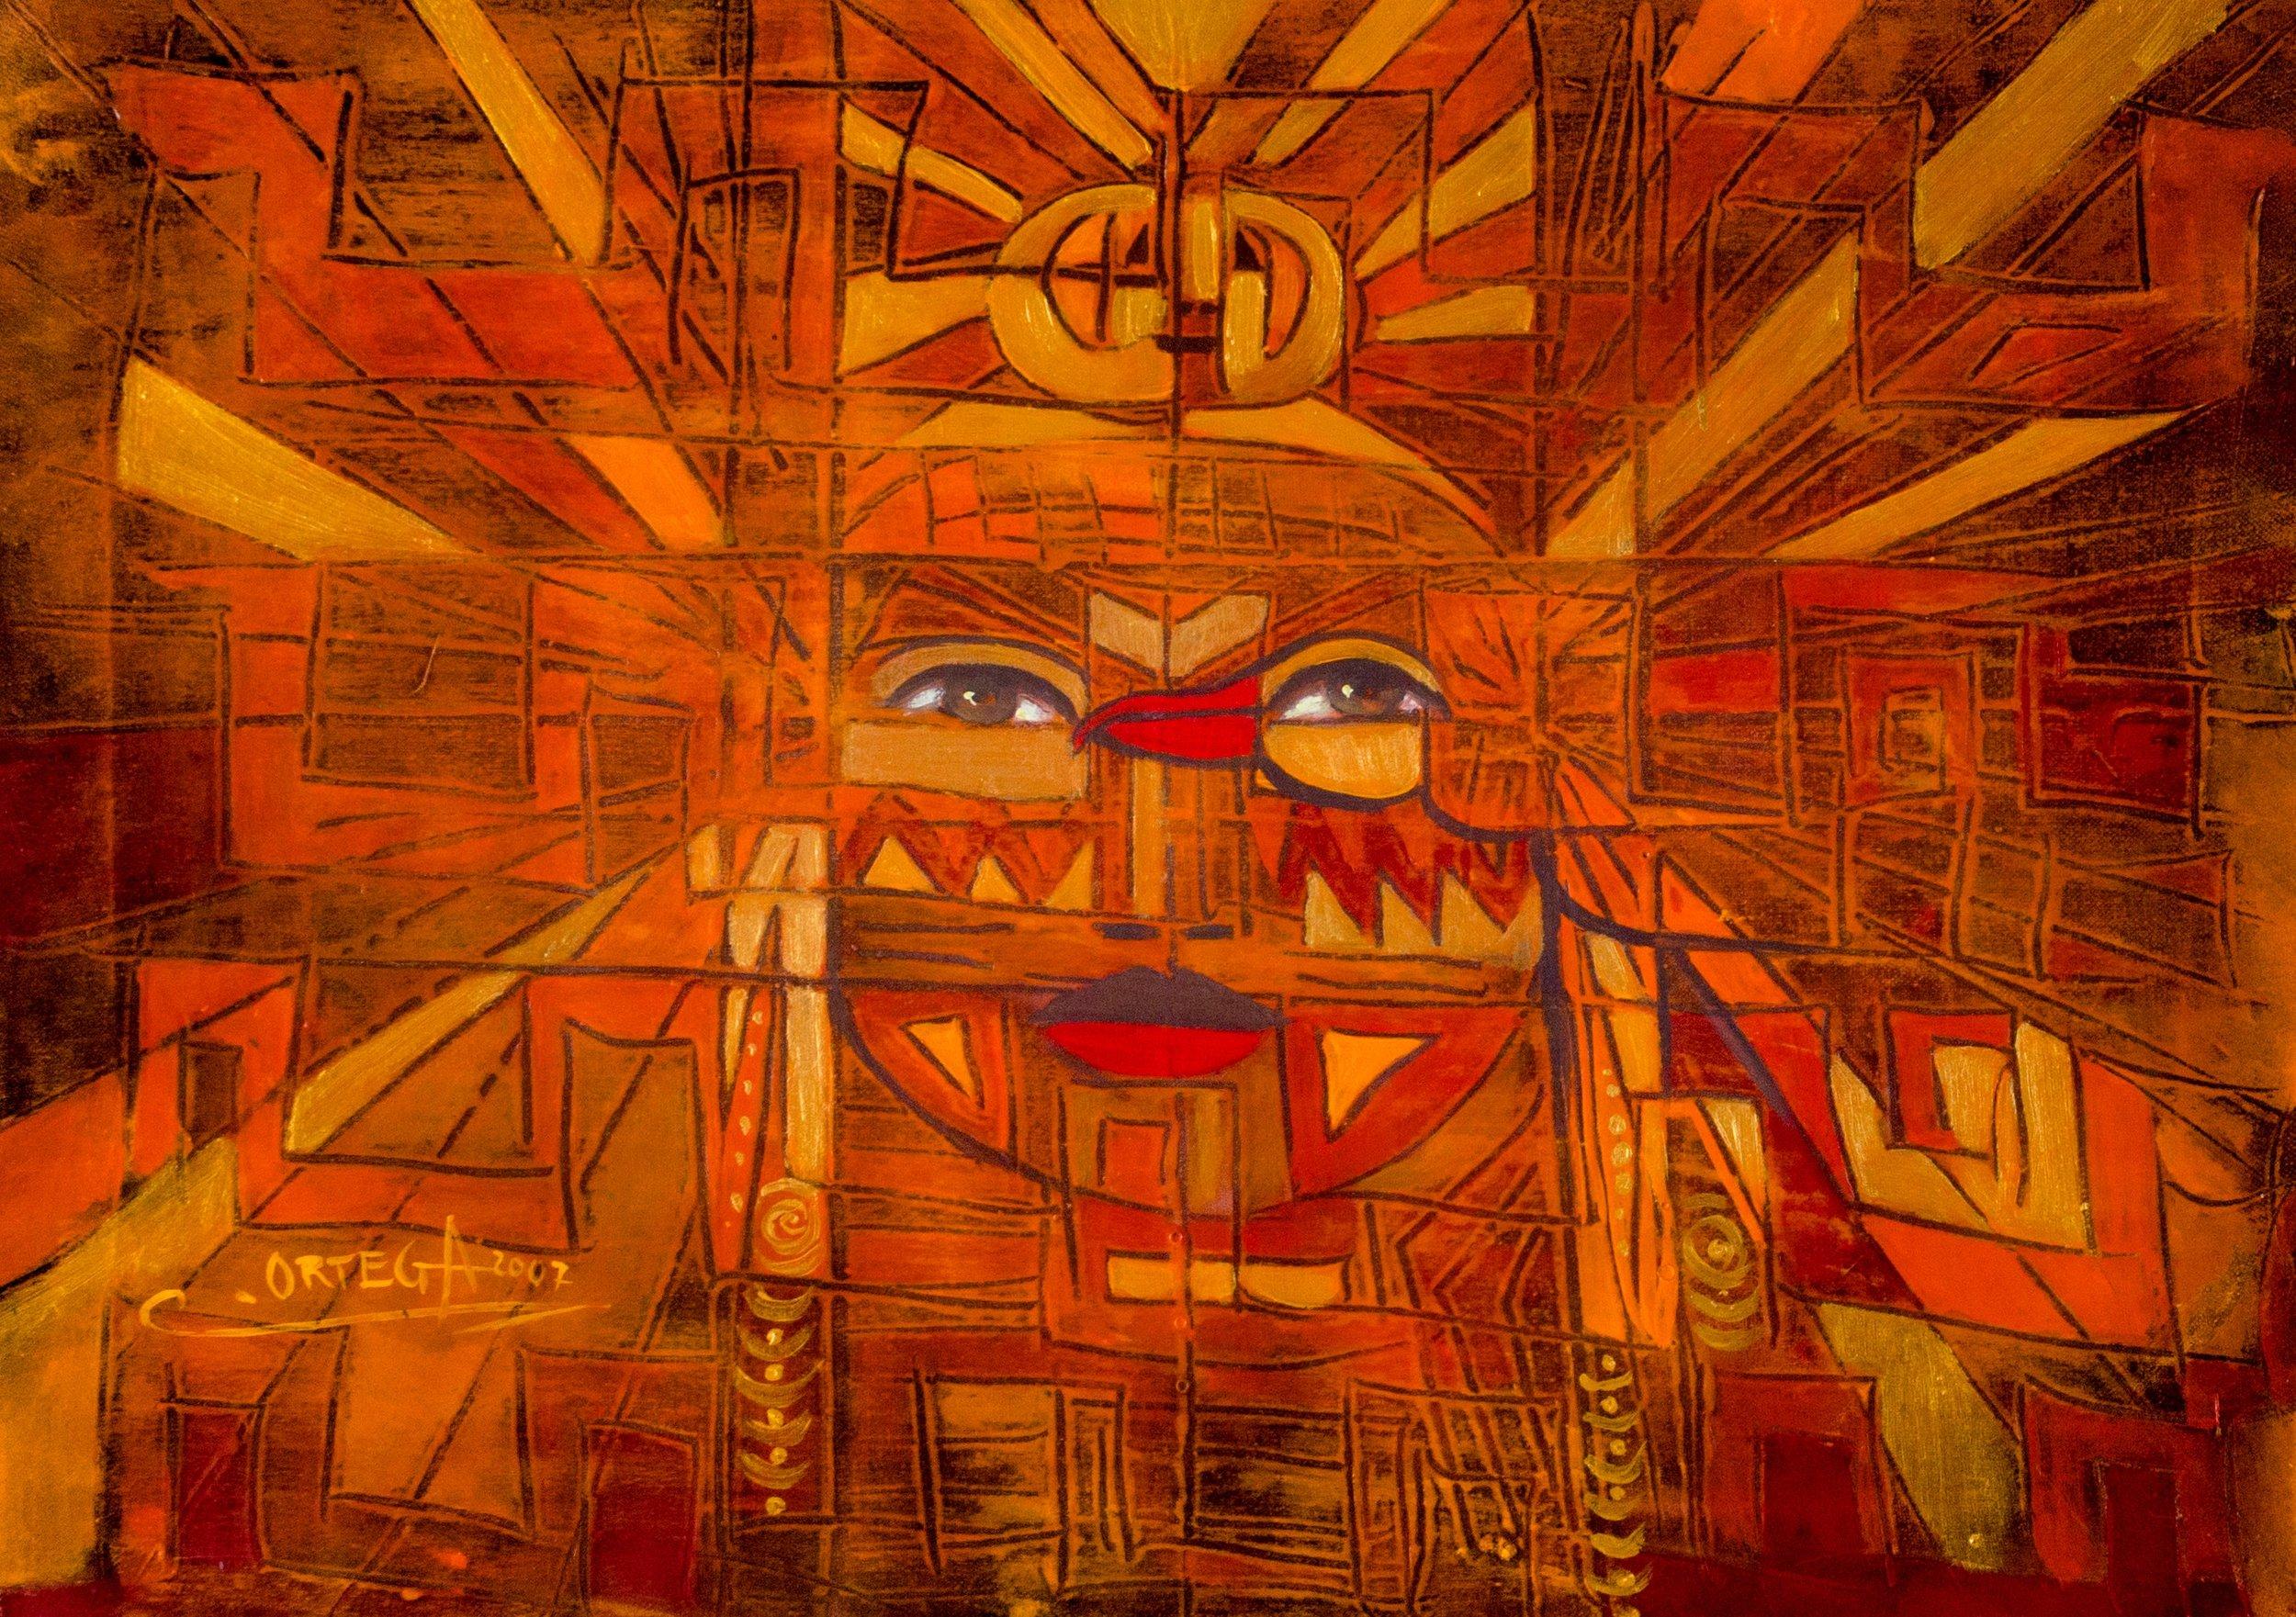 Original artwork by  Ortega Maila .